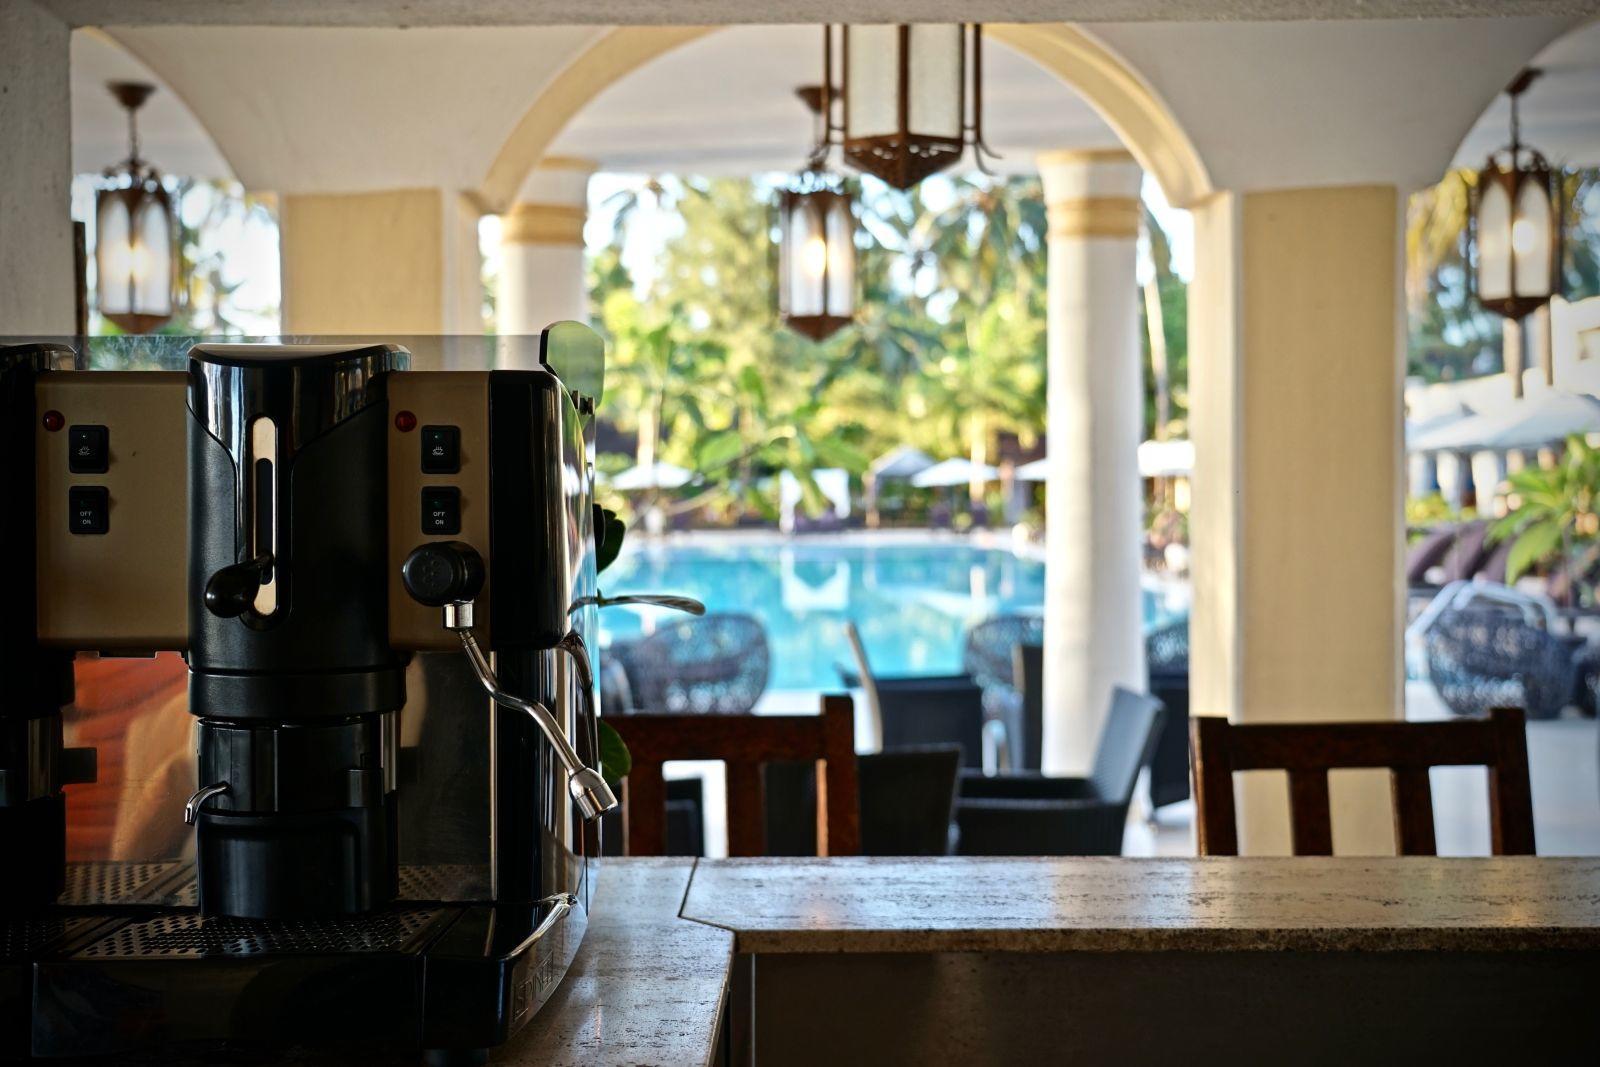 Komfortzone im Schatten von Palmen: Latte Macchiato am Pool.